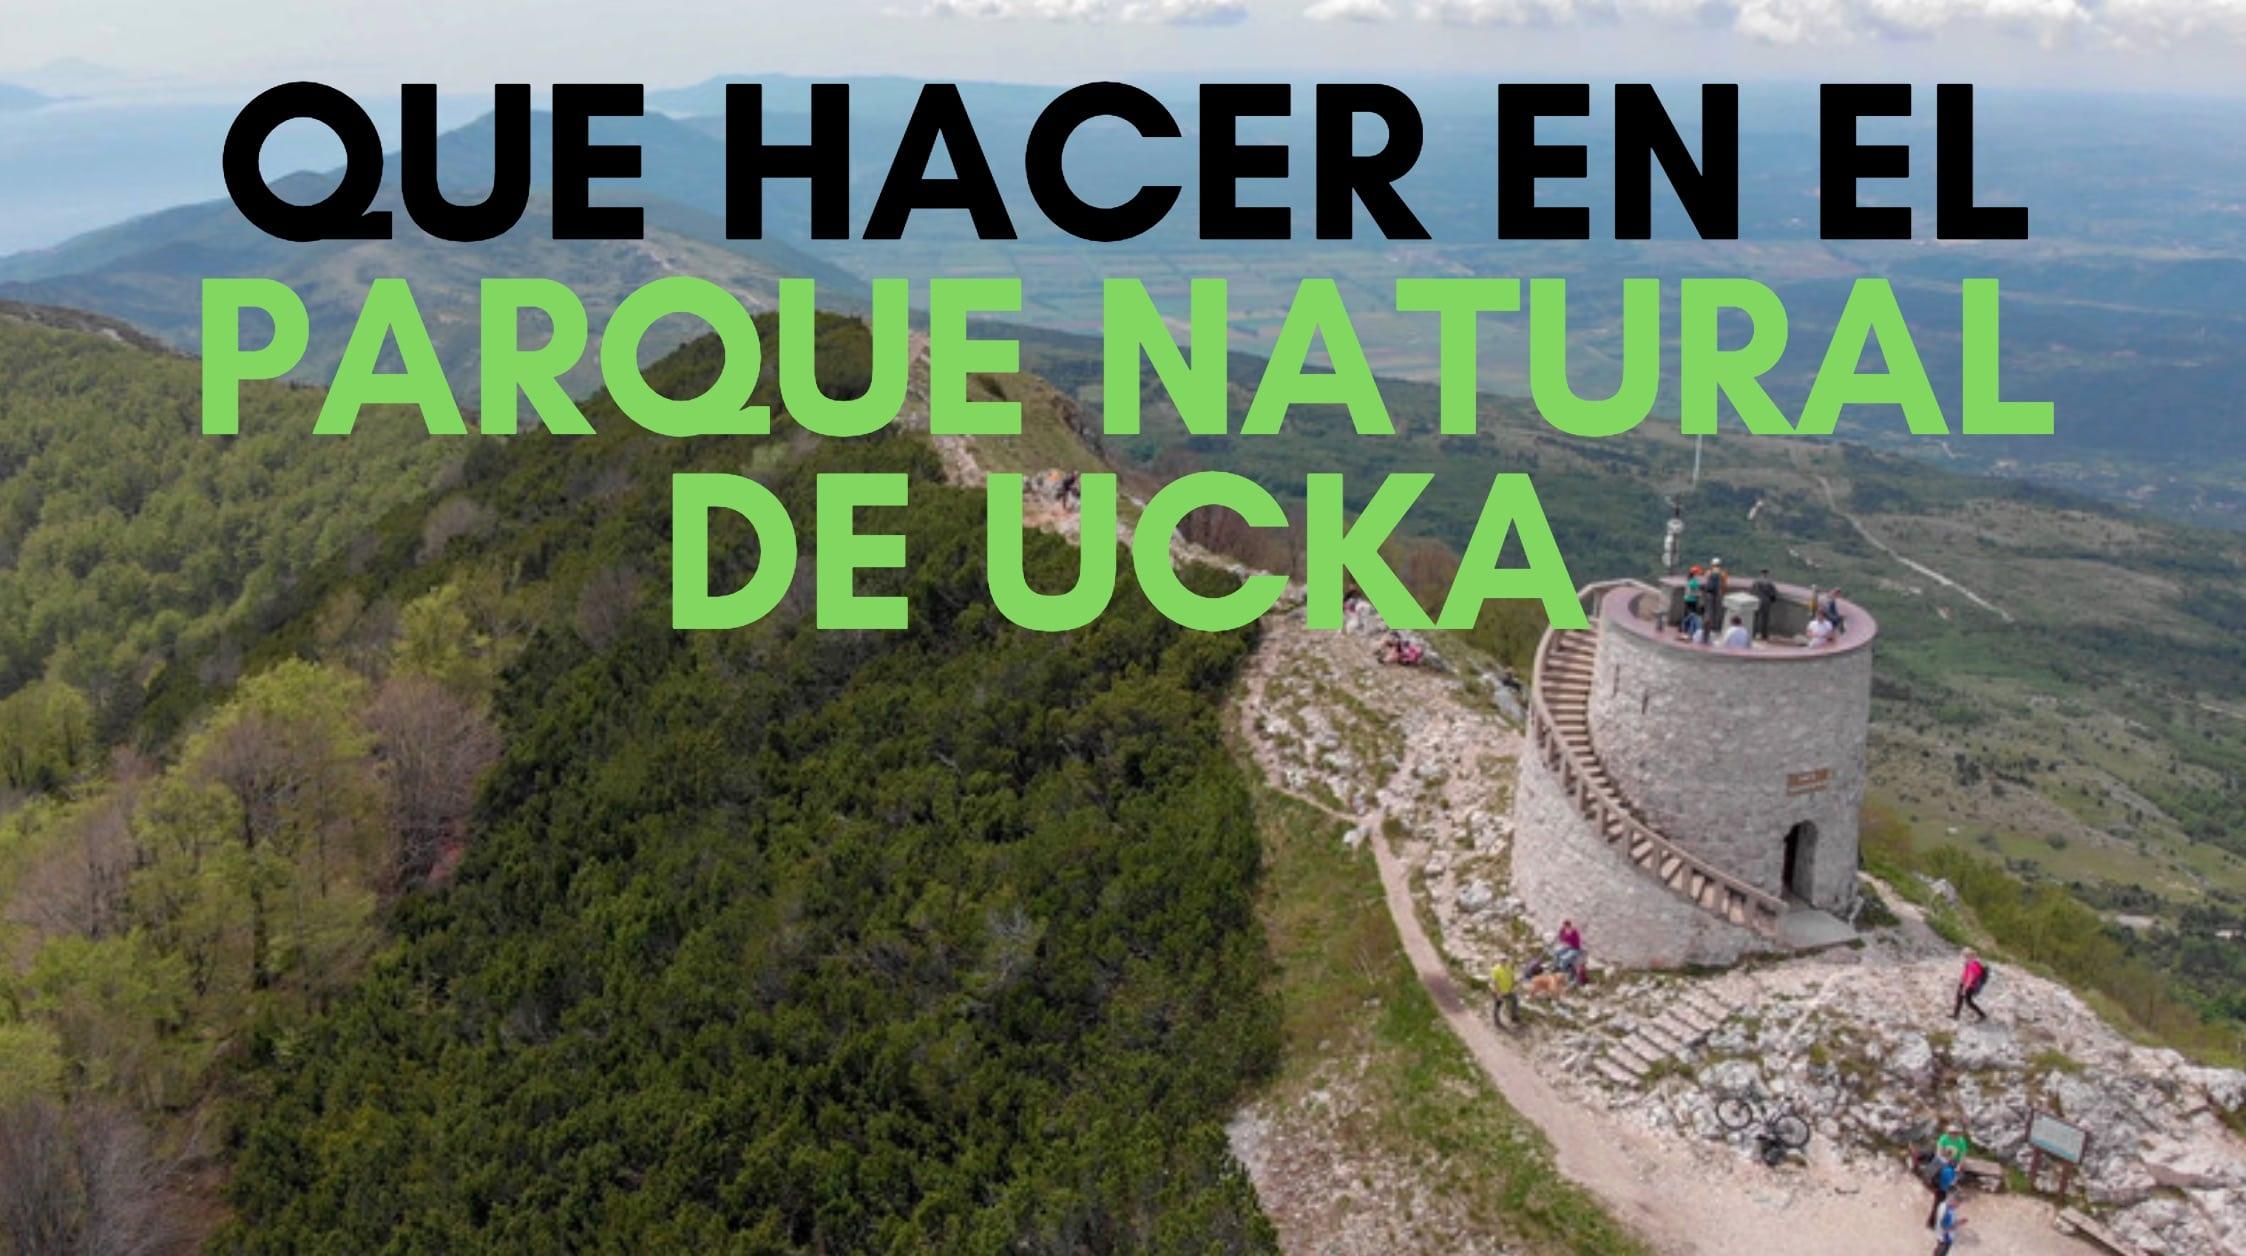 Que ver en el Parque Natural de Ucka